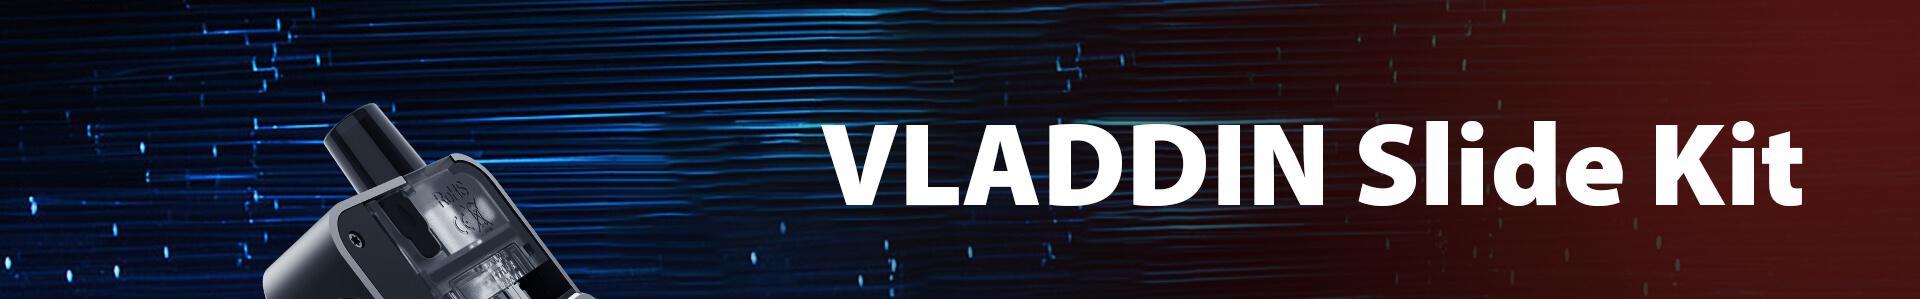 Vladdin Slide Kit